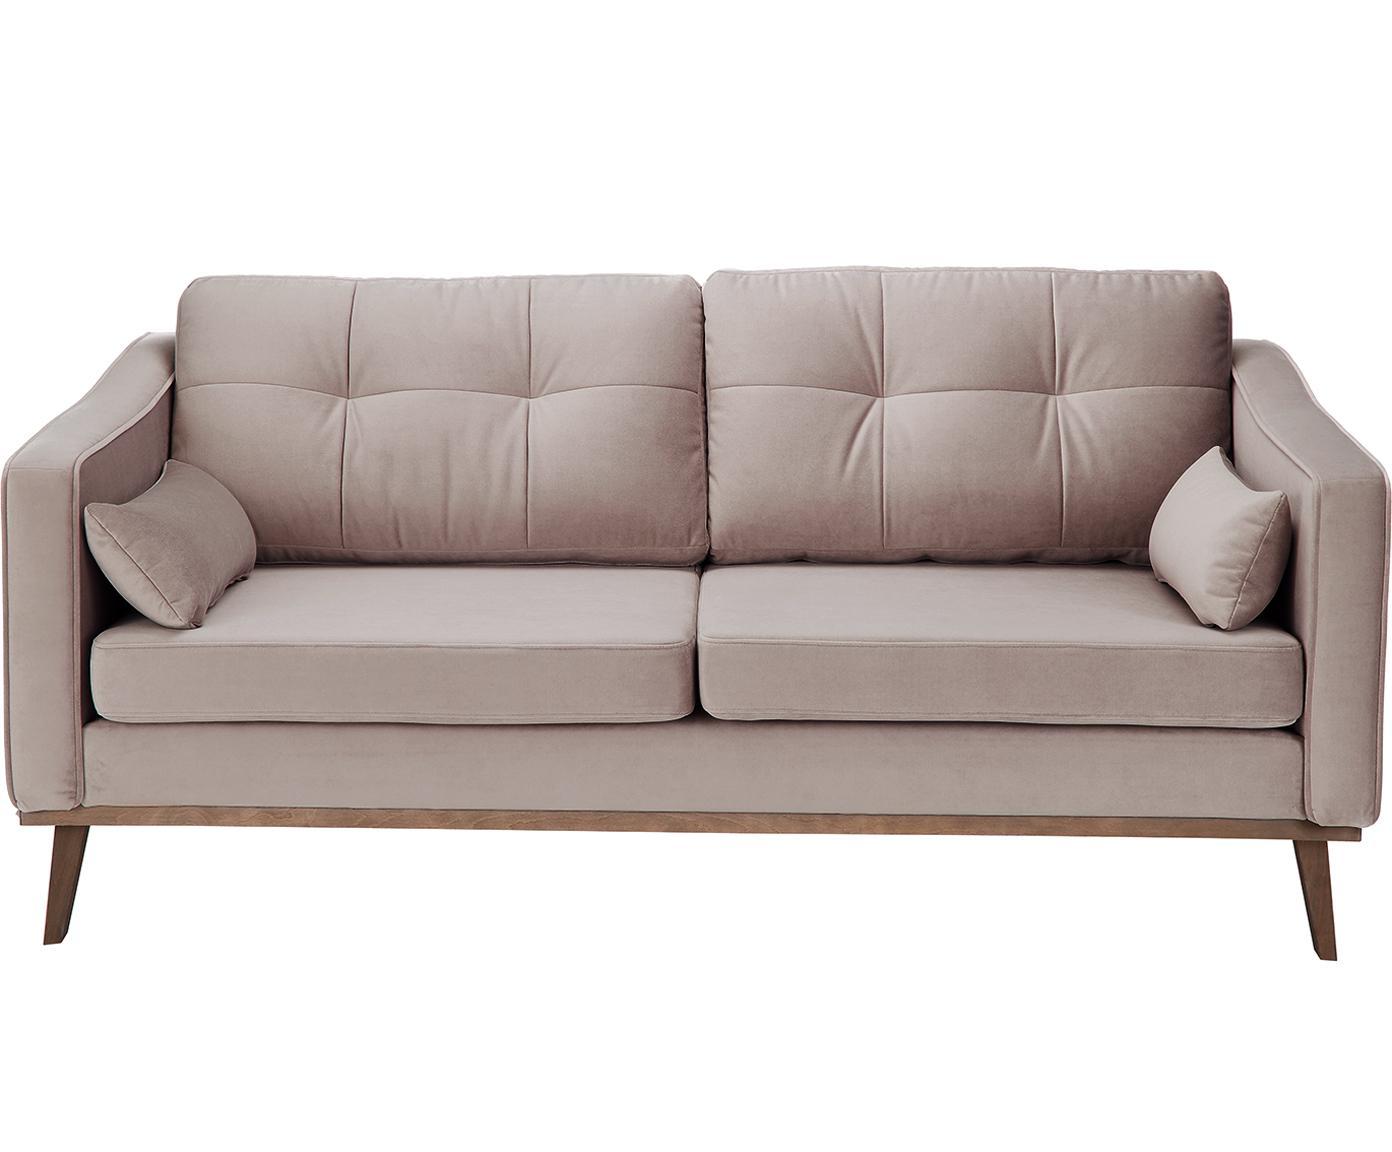 Fluwelen bank Alva (2-zits), Bekleding: fluweel (hoogwaardig poly, Frame: massief grenenhout, Poten: massief gebeitst beukenho, Taupe, B 184 x D 92 cm